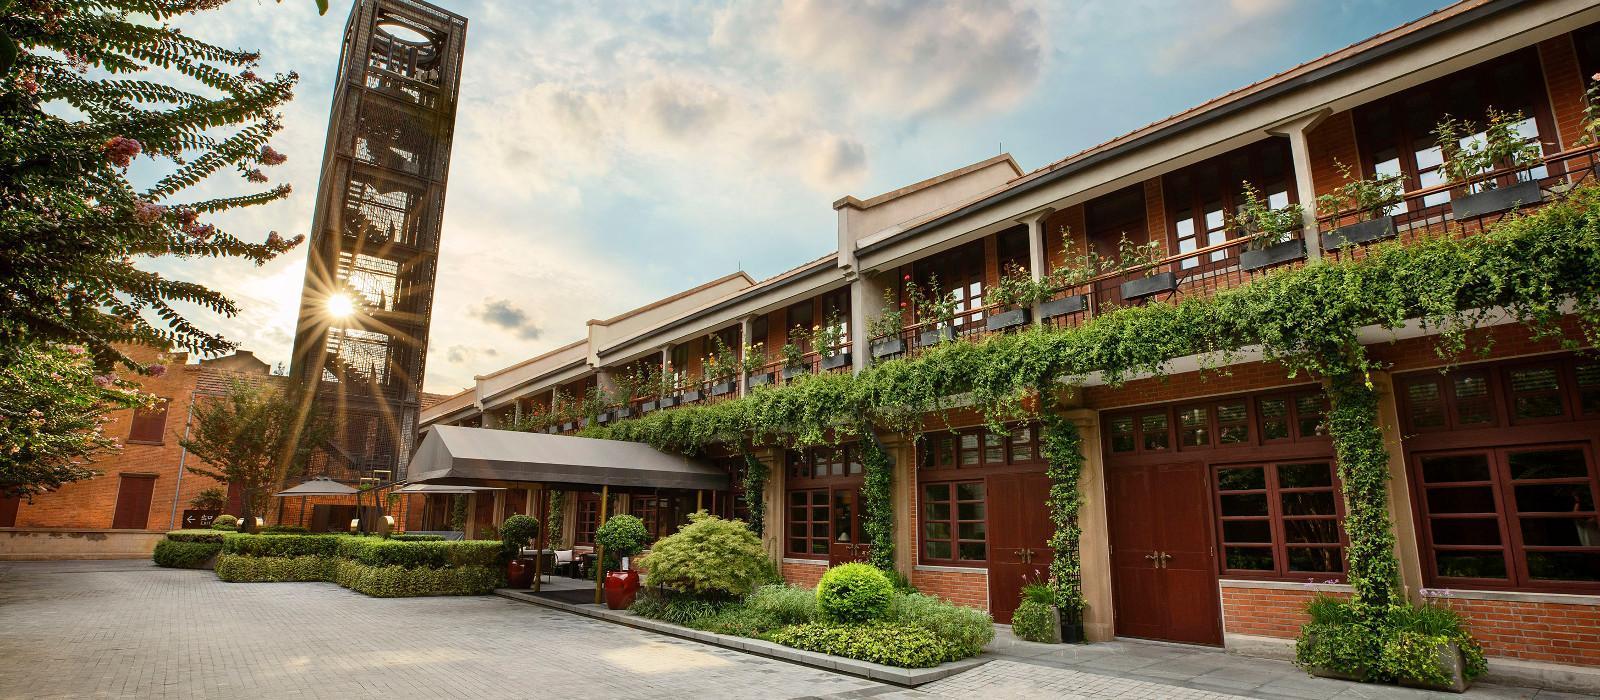 上海建业里嘉佩乐酒店(Capella Shanghai, Jian Ye Li)【 上海,中国】 酒店  www.lhw.cn